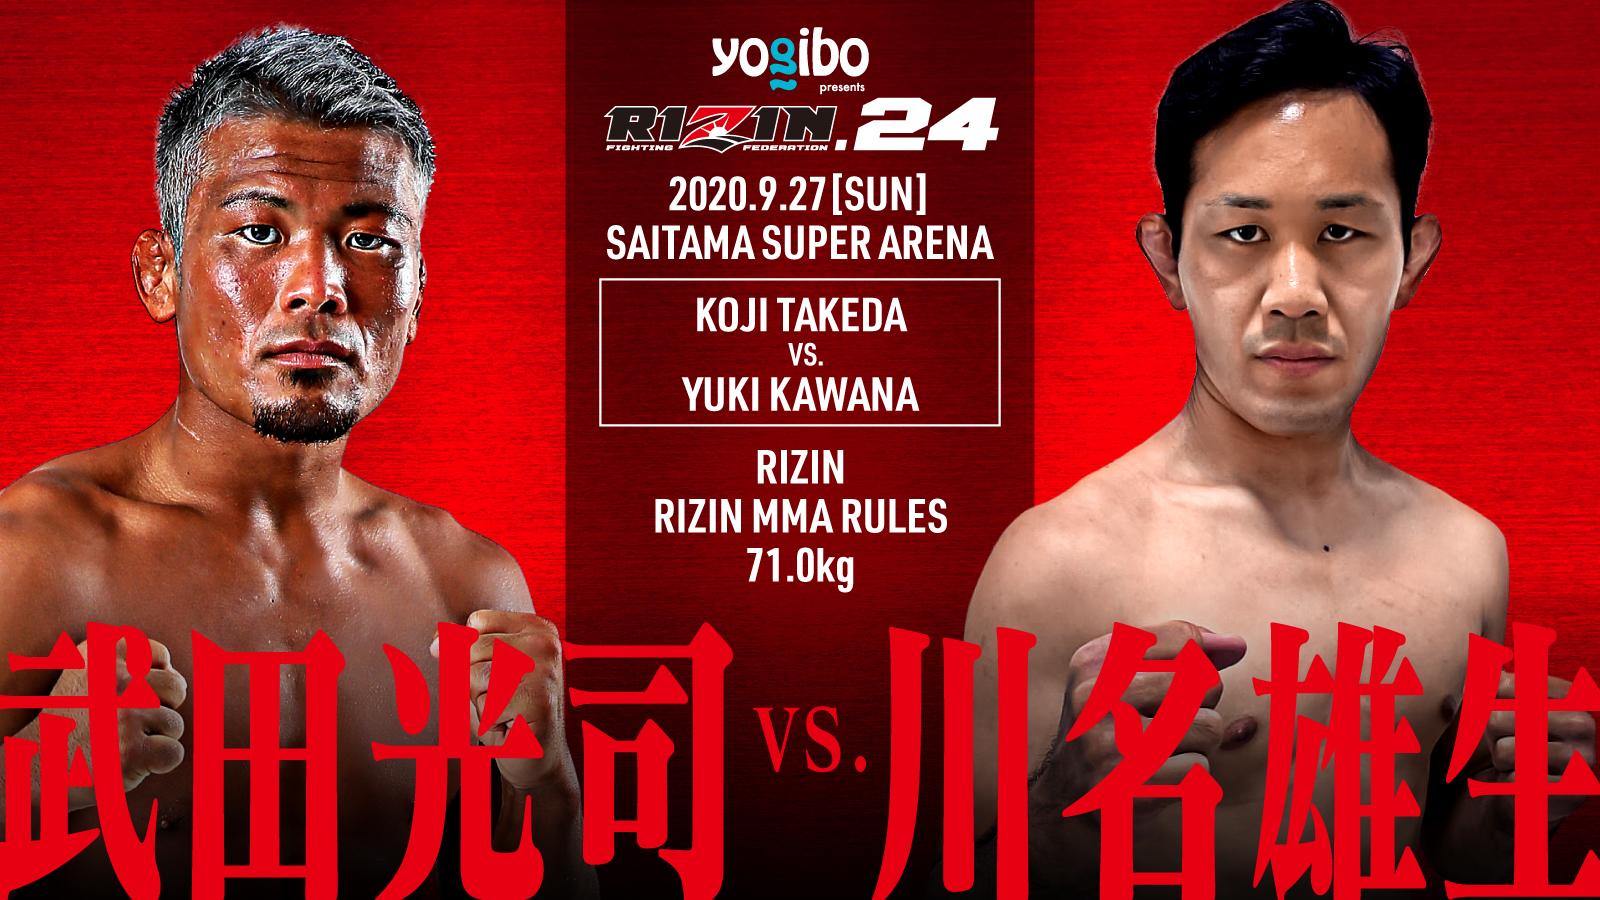 武田光司 vs. 川名雄生